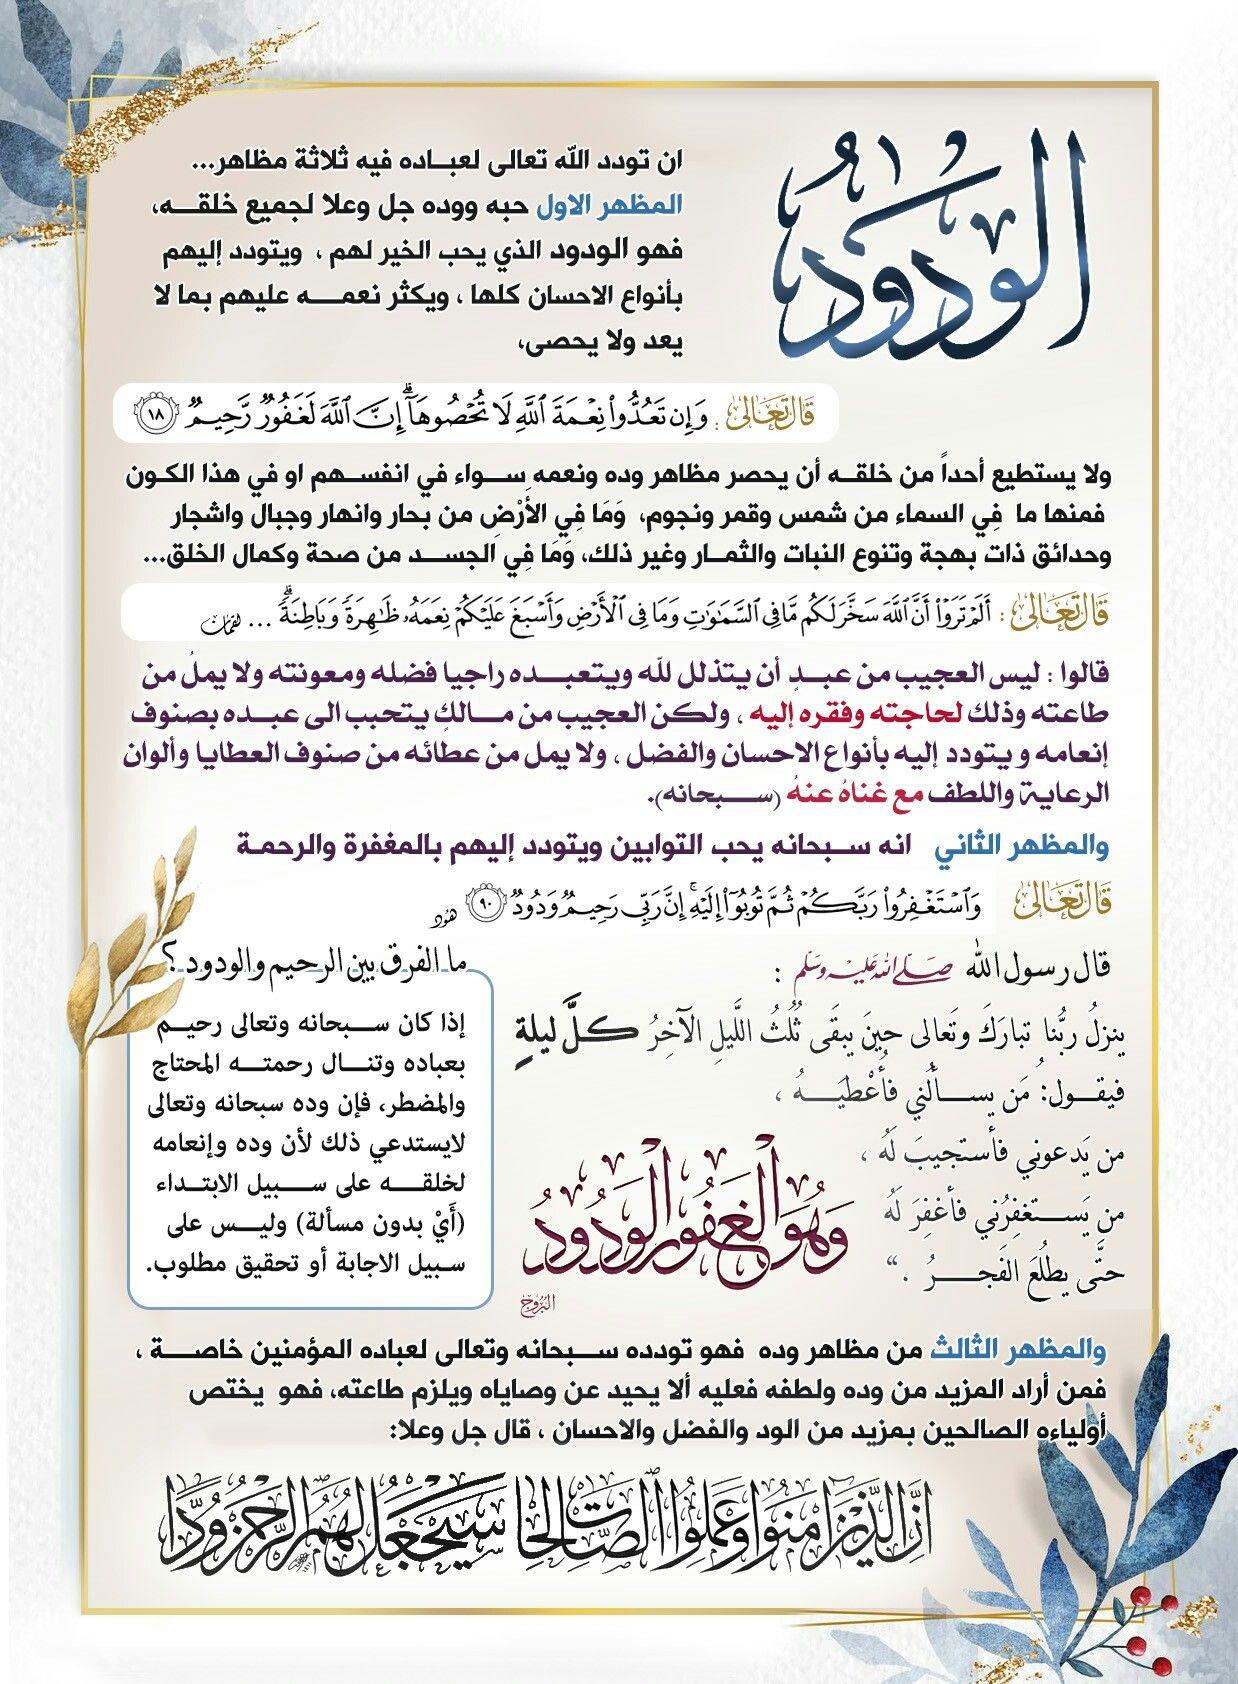 شرح معنى اسم الله الودود اسماء الله الحسنى Words Of Wisdom Arabic Words Words